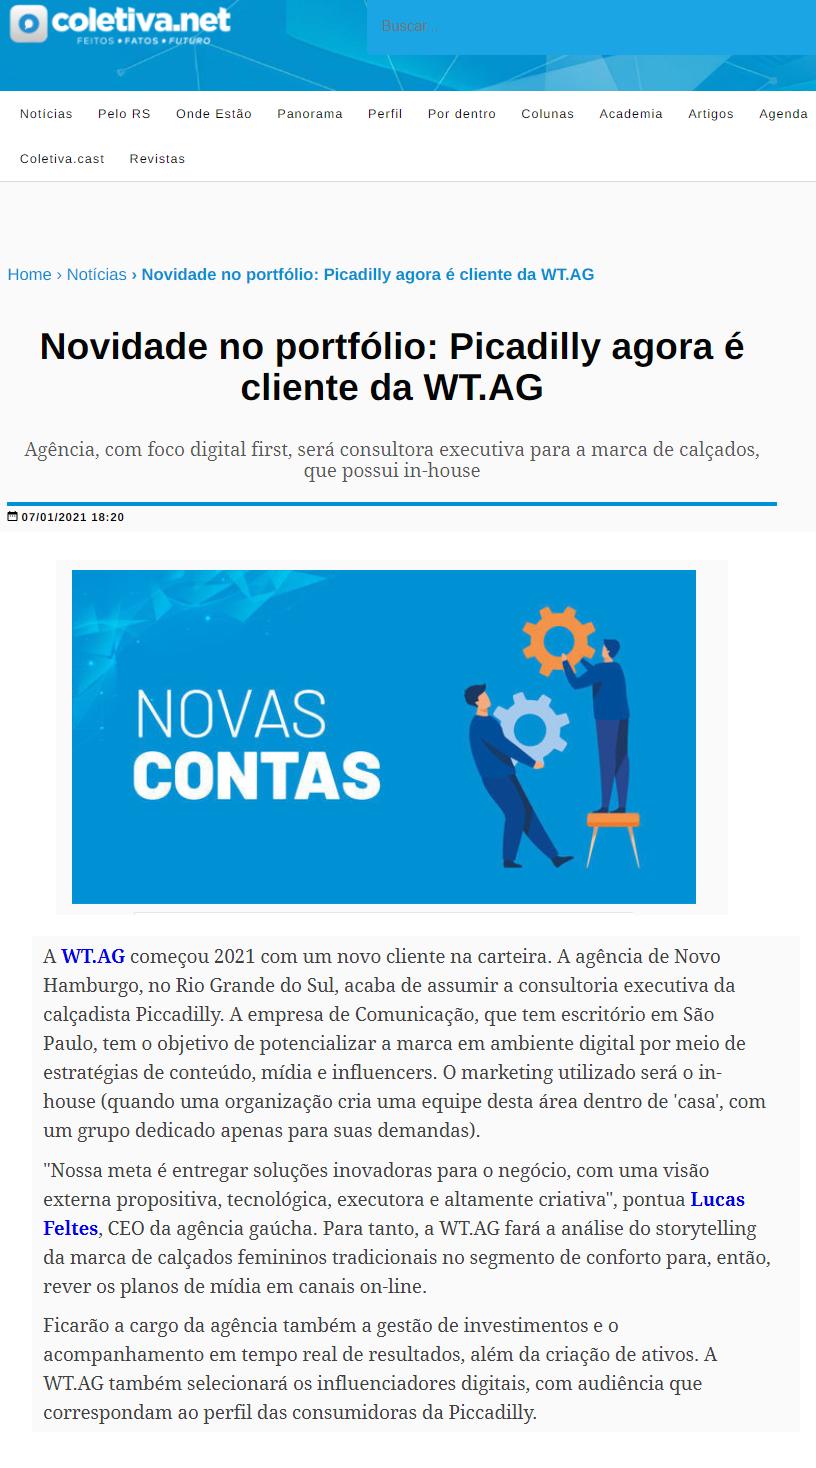 07_01 - Coletiva.net - WT.AG - Online - Novidade na carteira